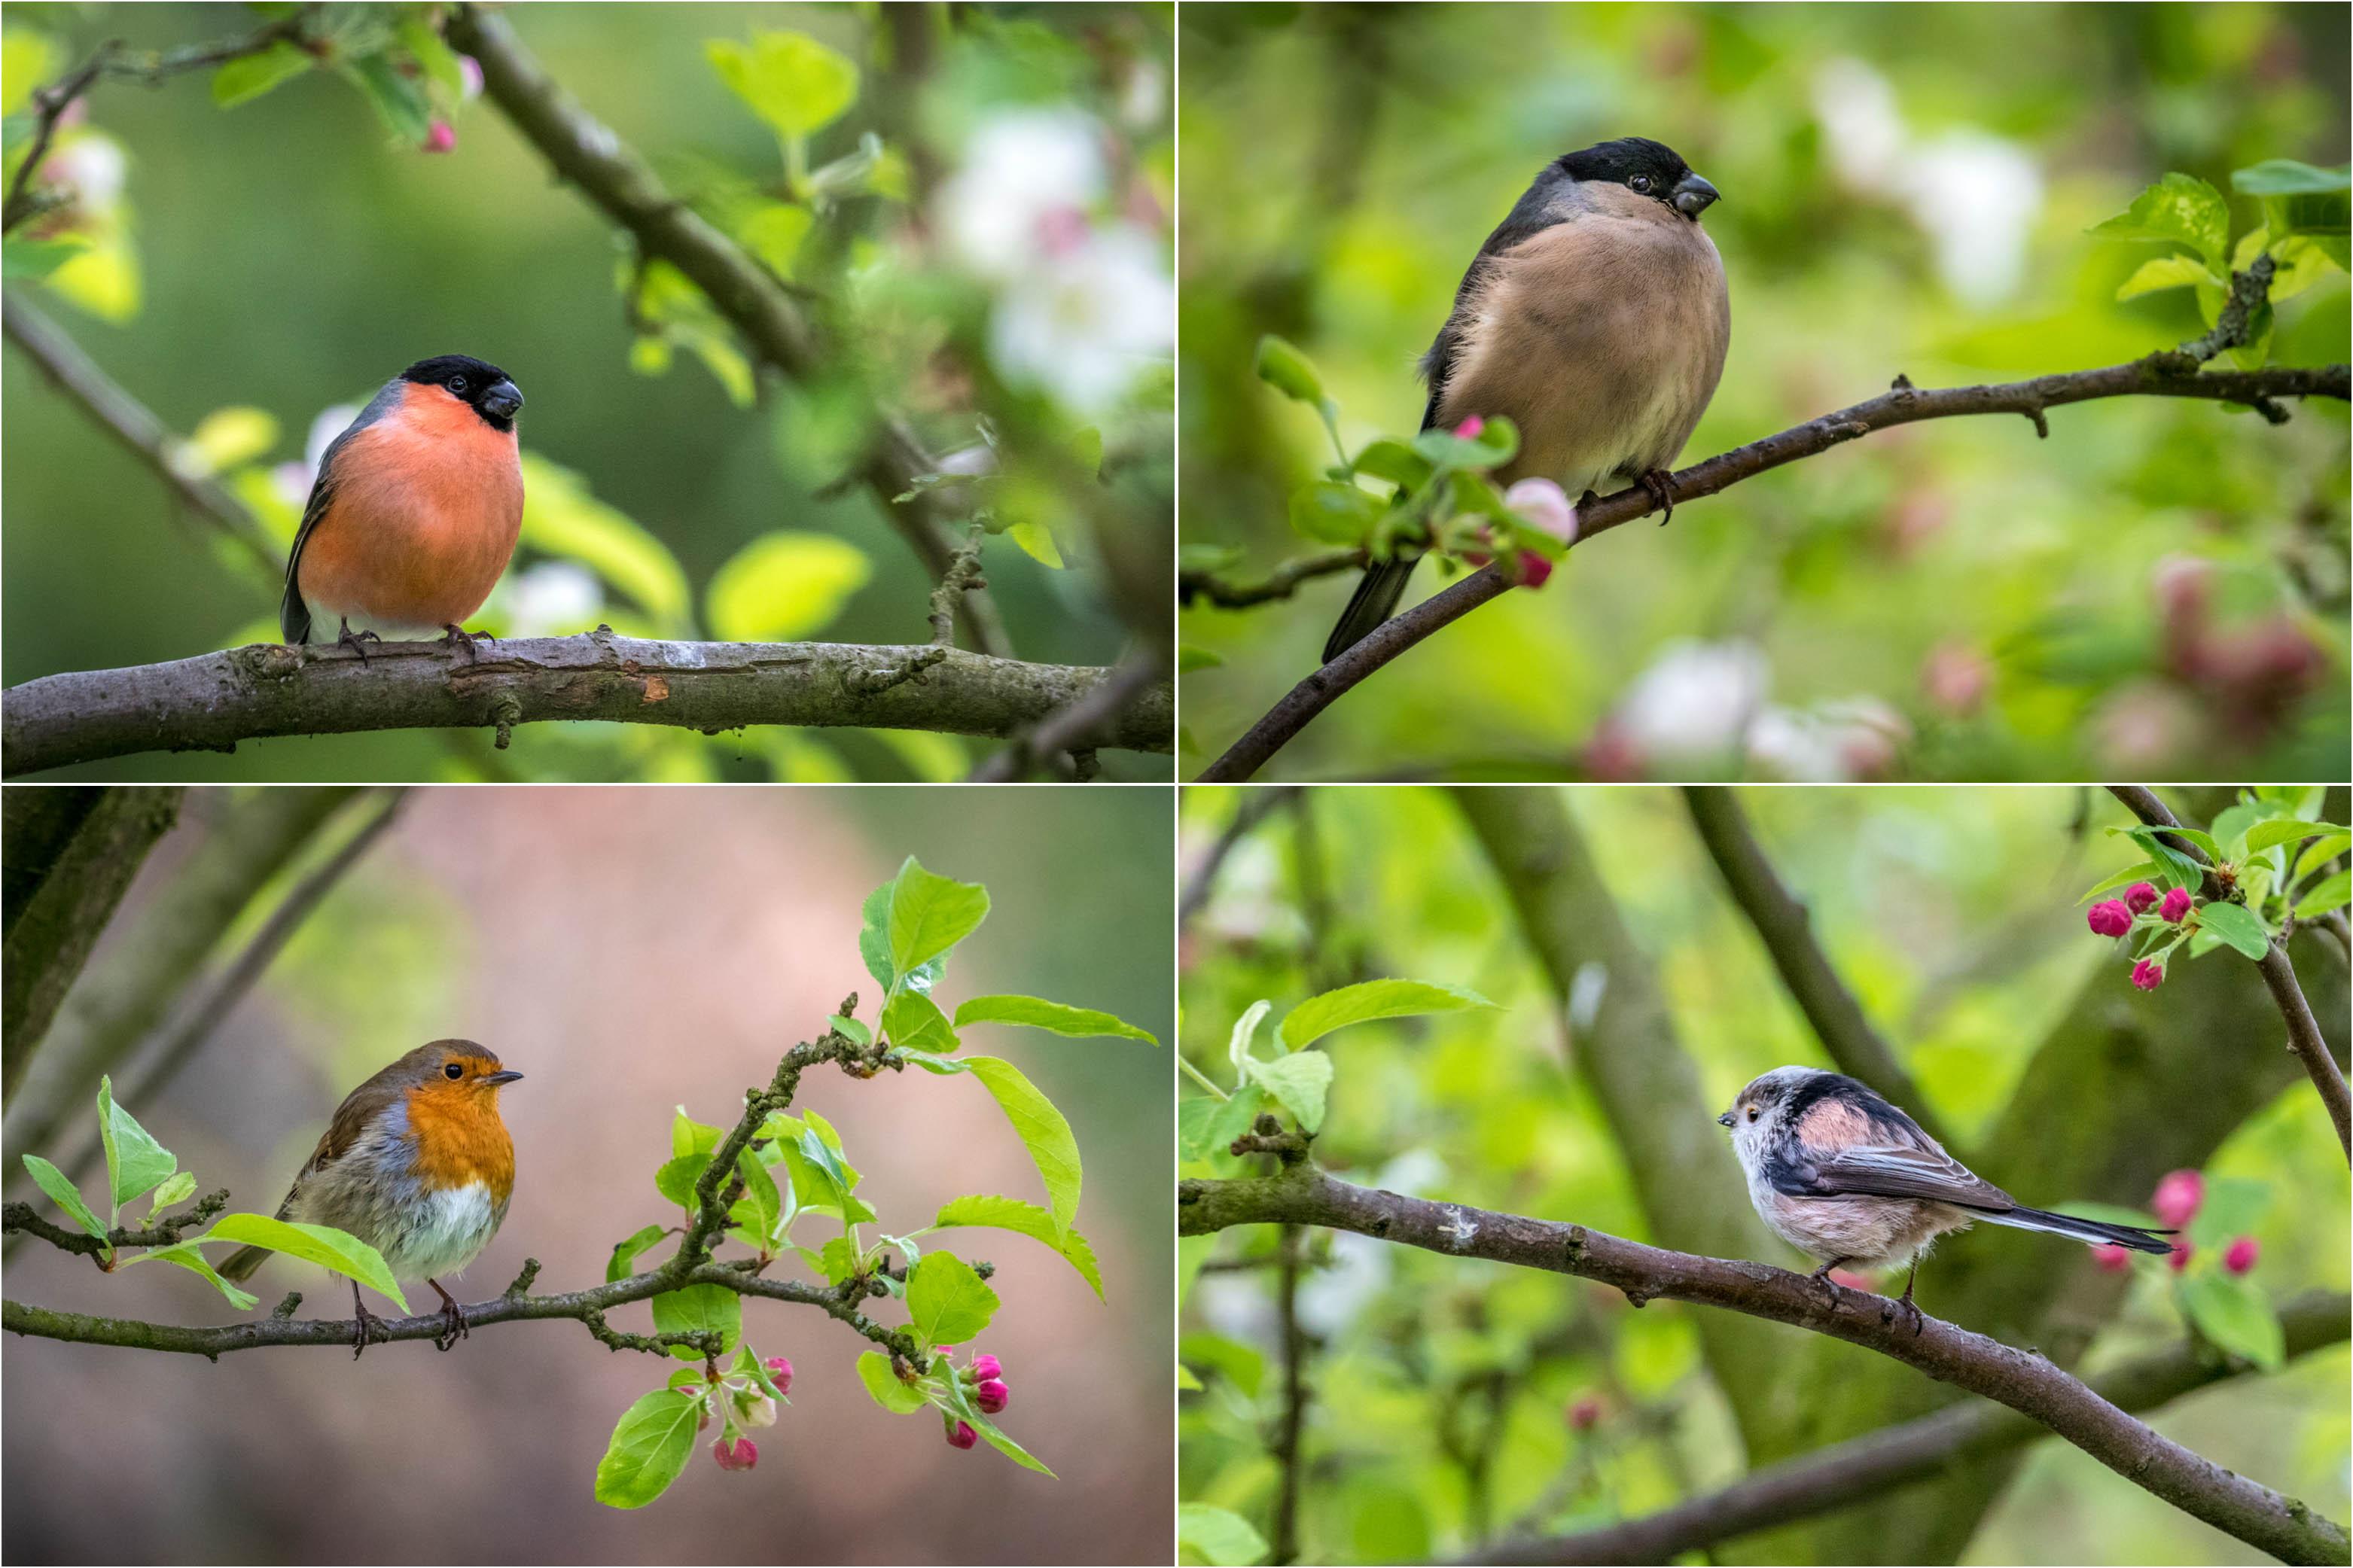 bullfinch, robin, long tailed tit